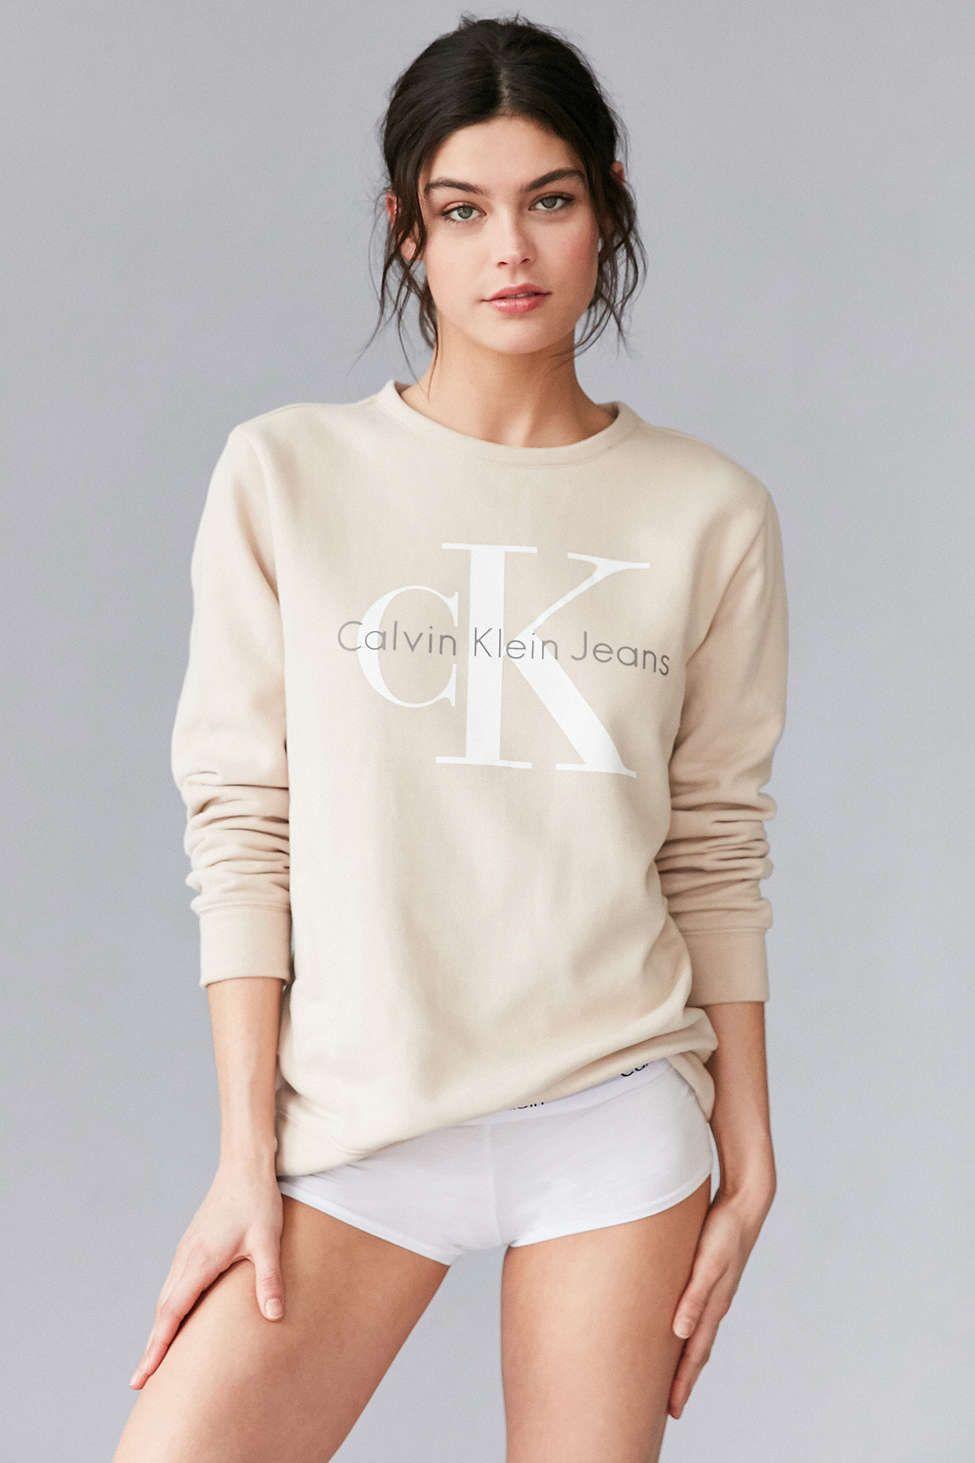 Calvin Klein Sweatshirt Calvin Klein Sweatshirts Calvin Klein Outfits Clothes